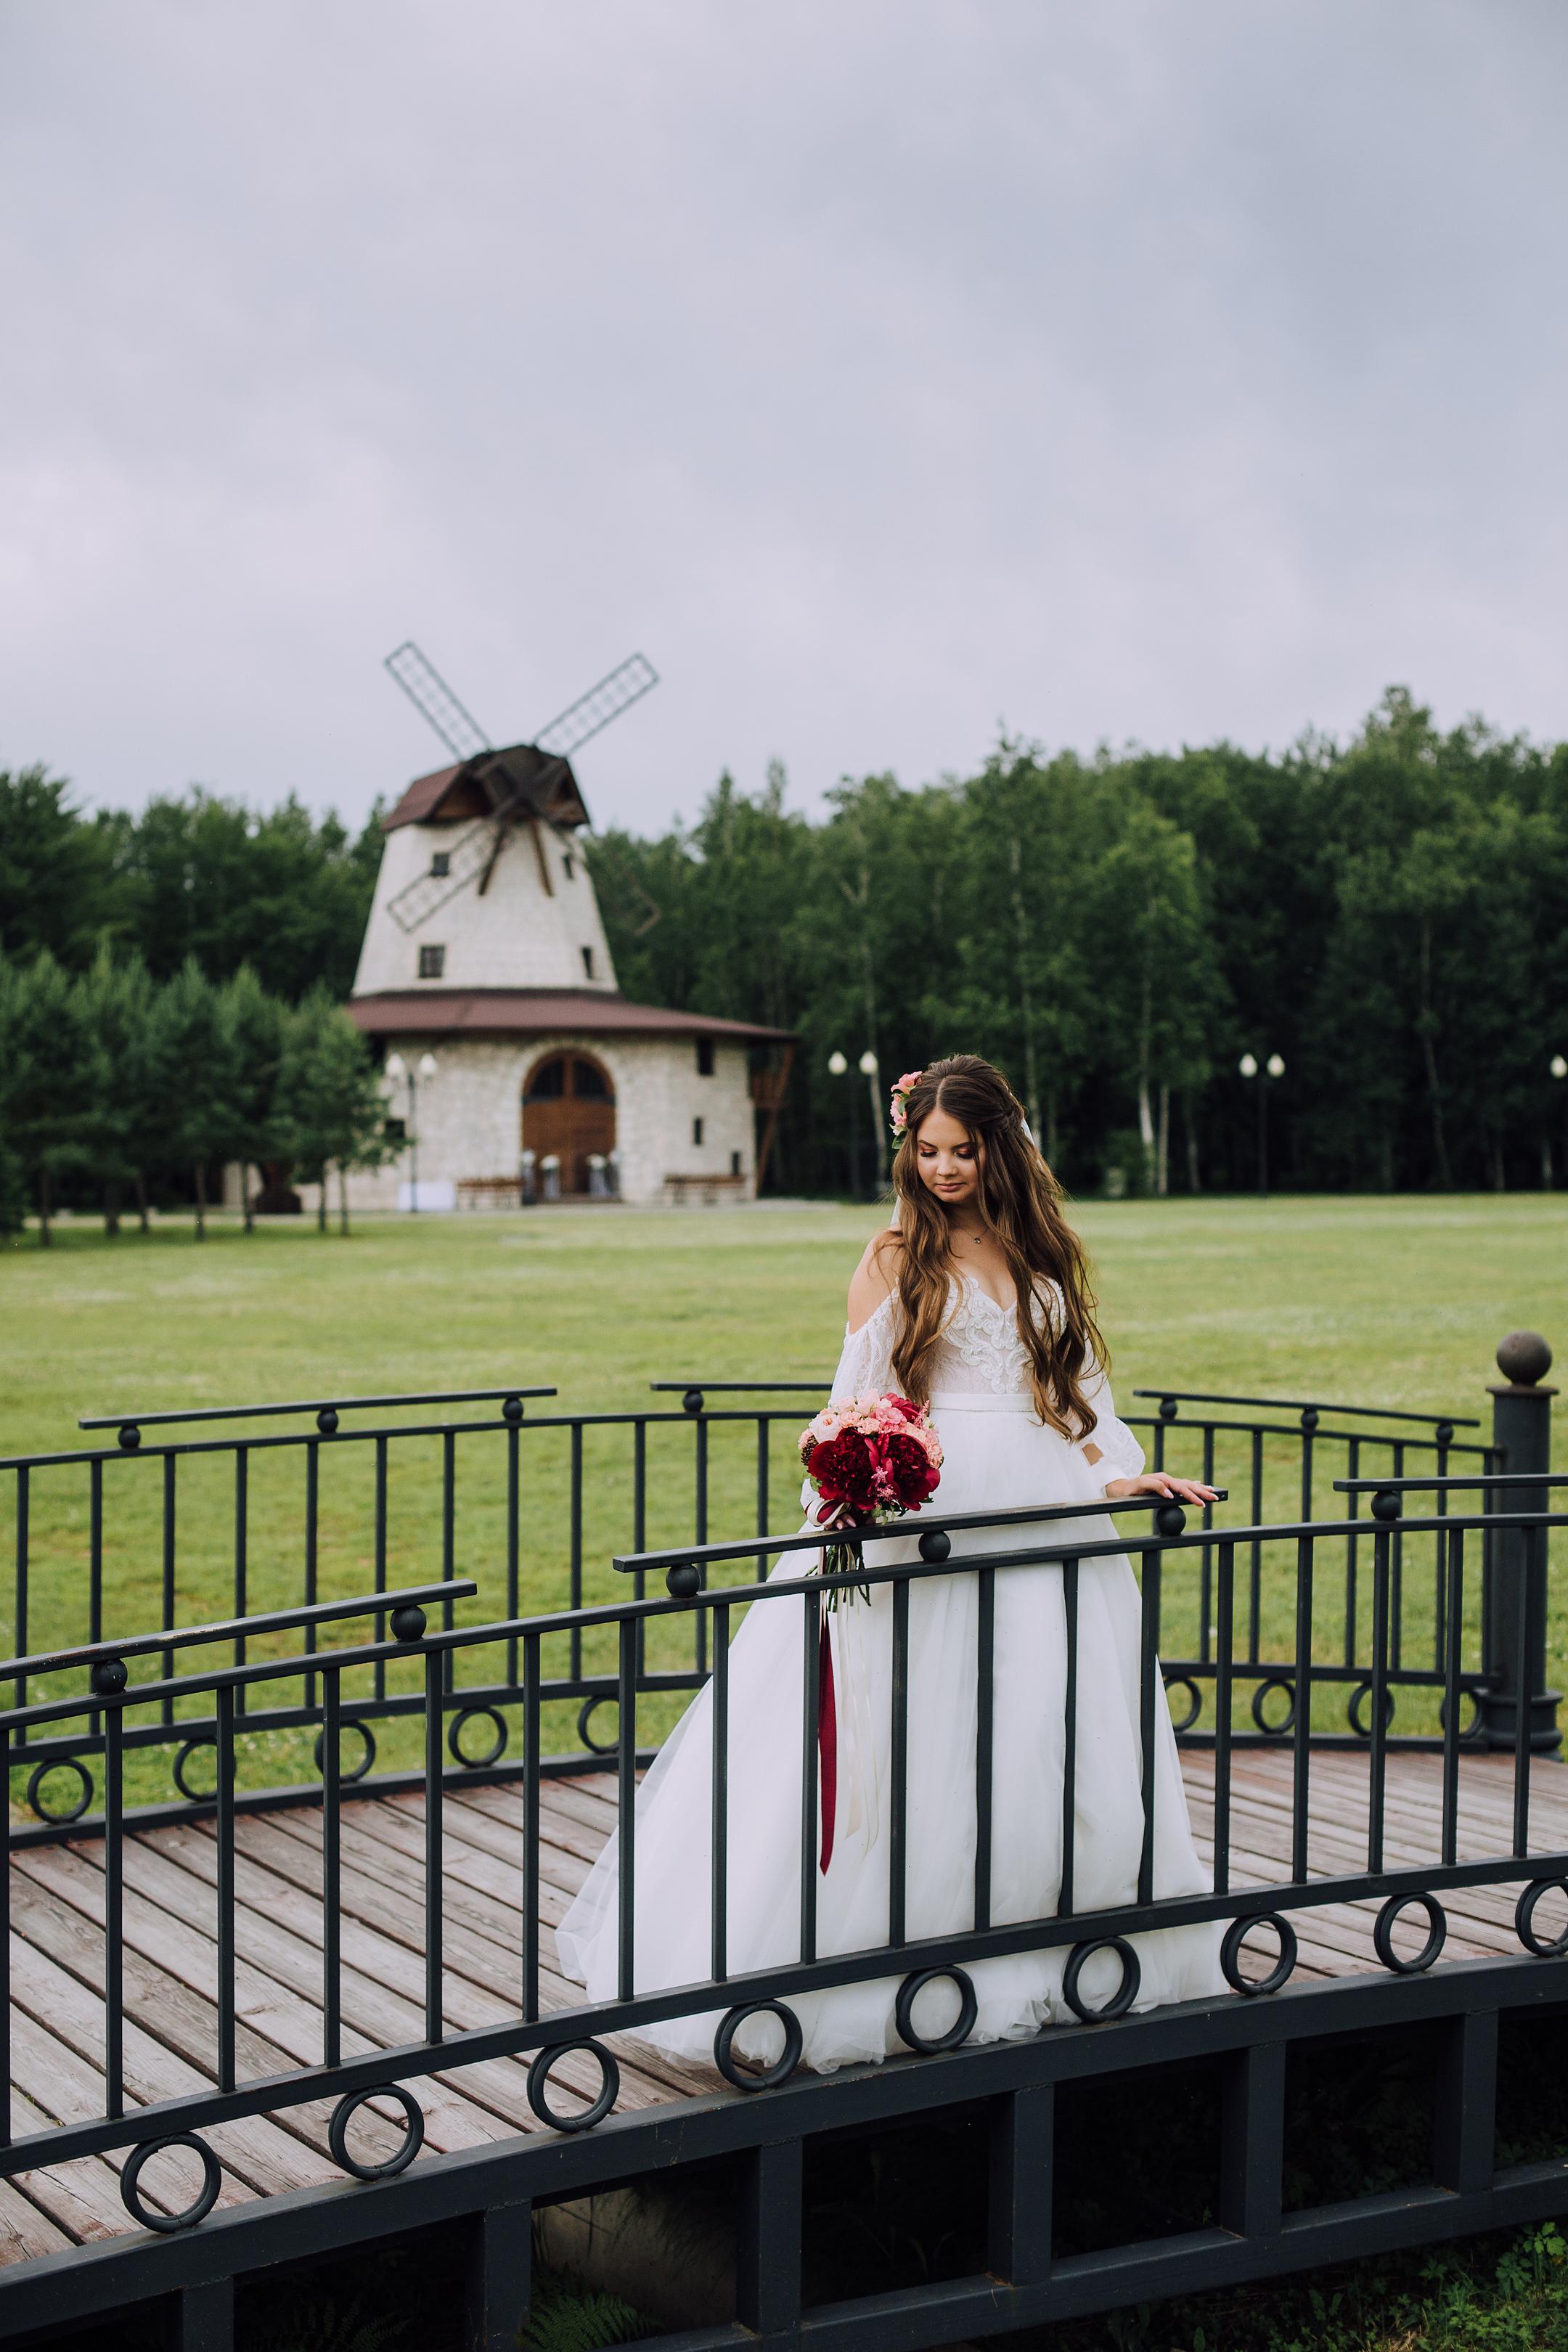 Марина Титова в Хабаровске